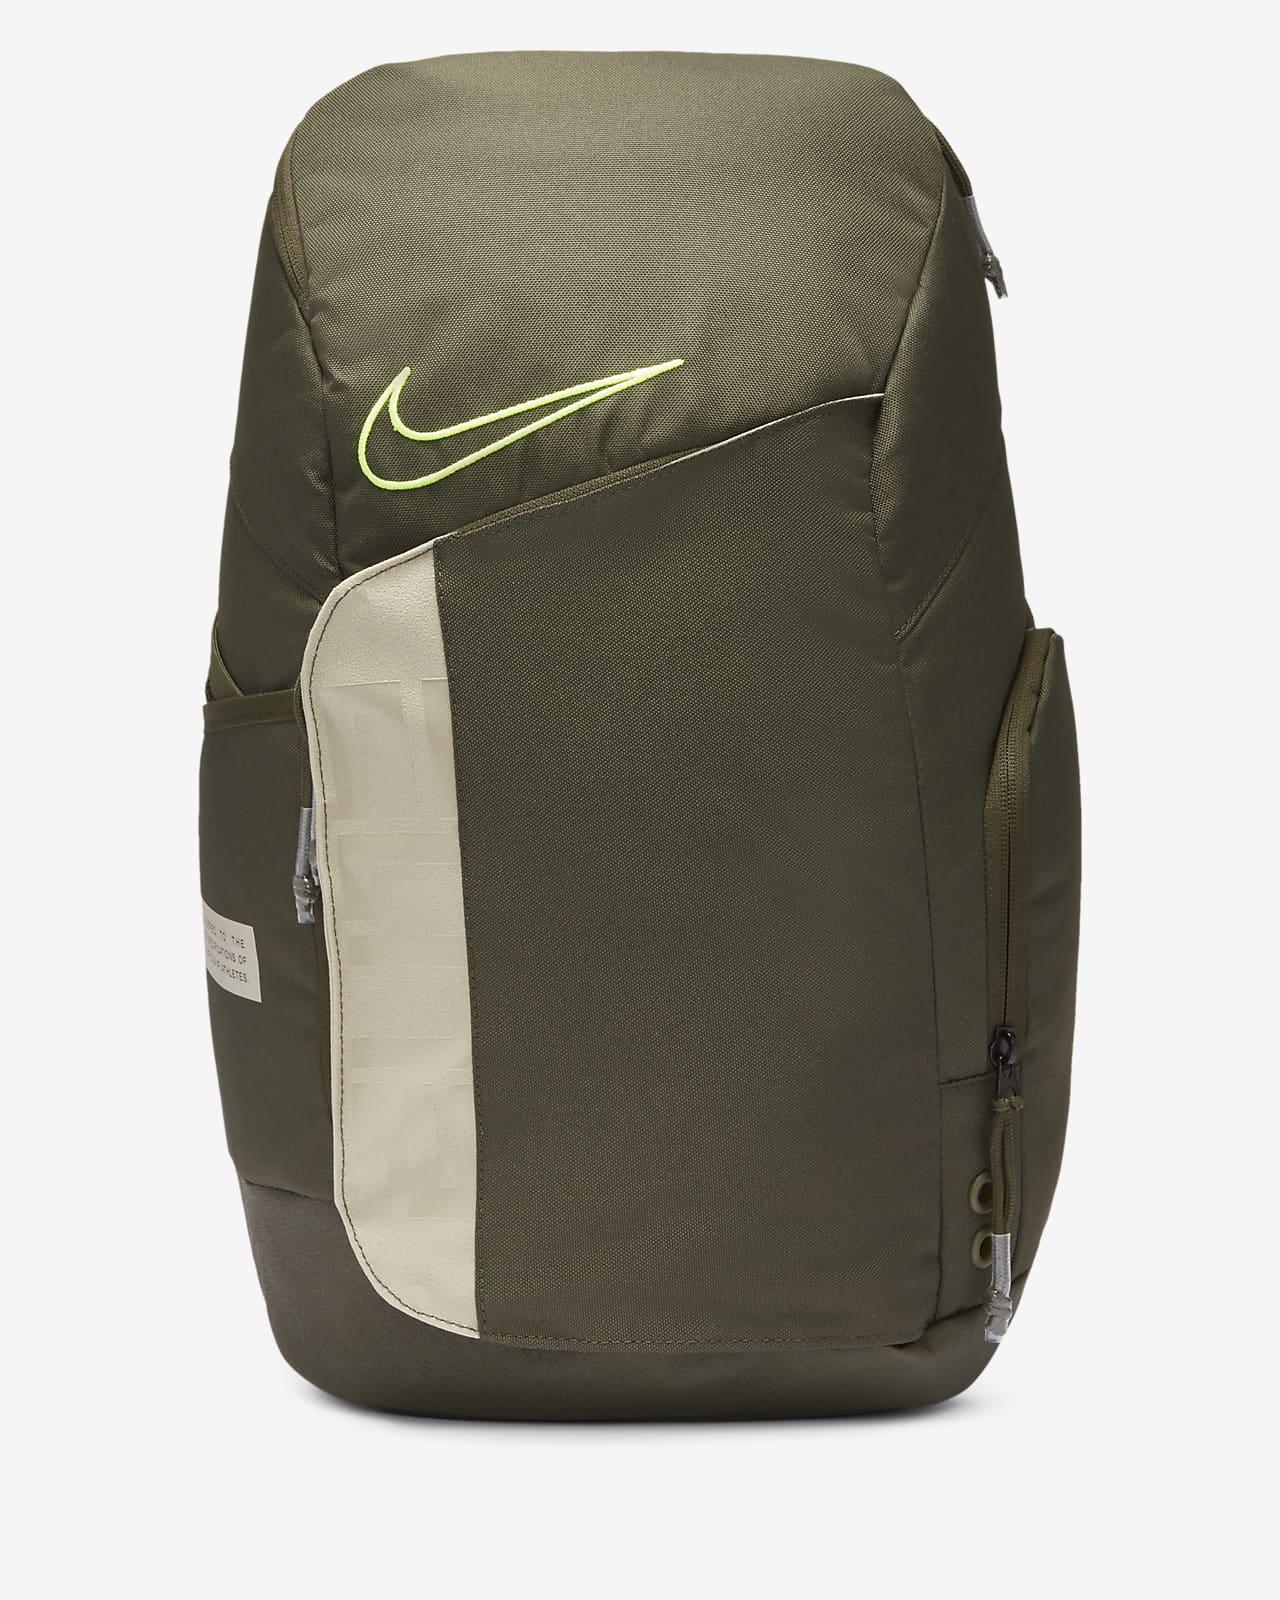 Баскетбольный рюкзак Nike Elite Pro (маленький размер)